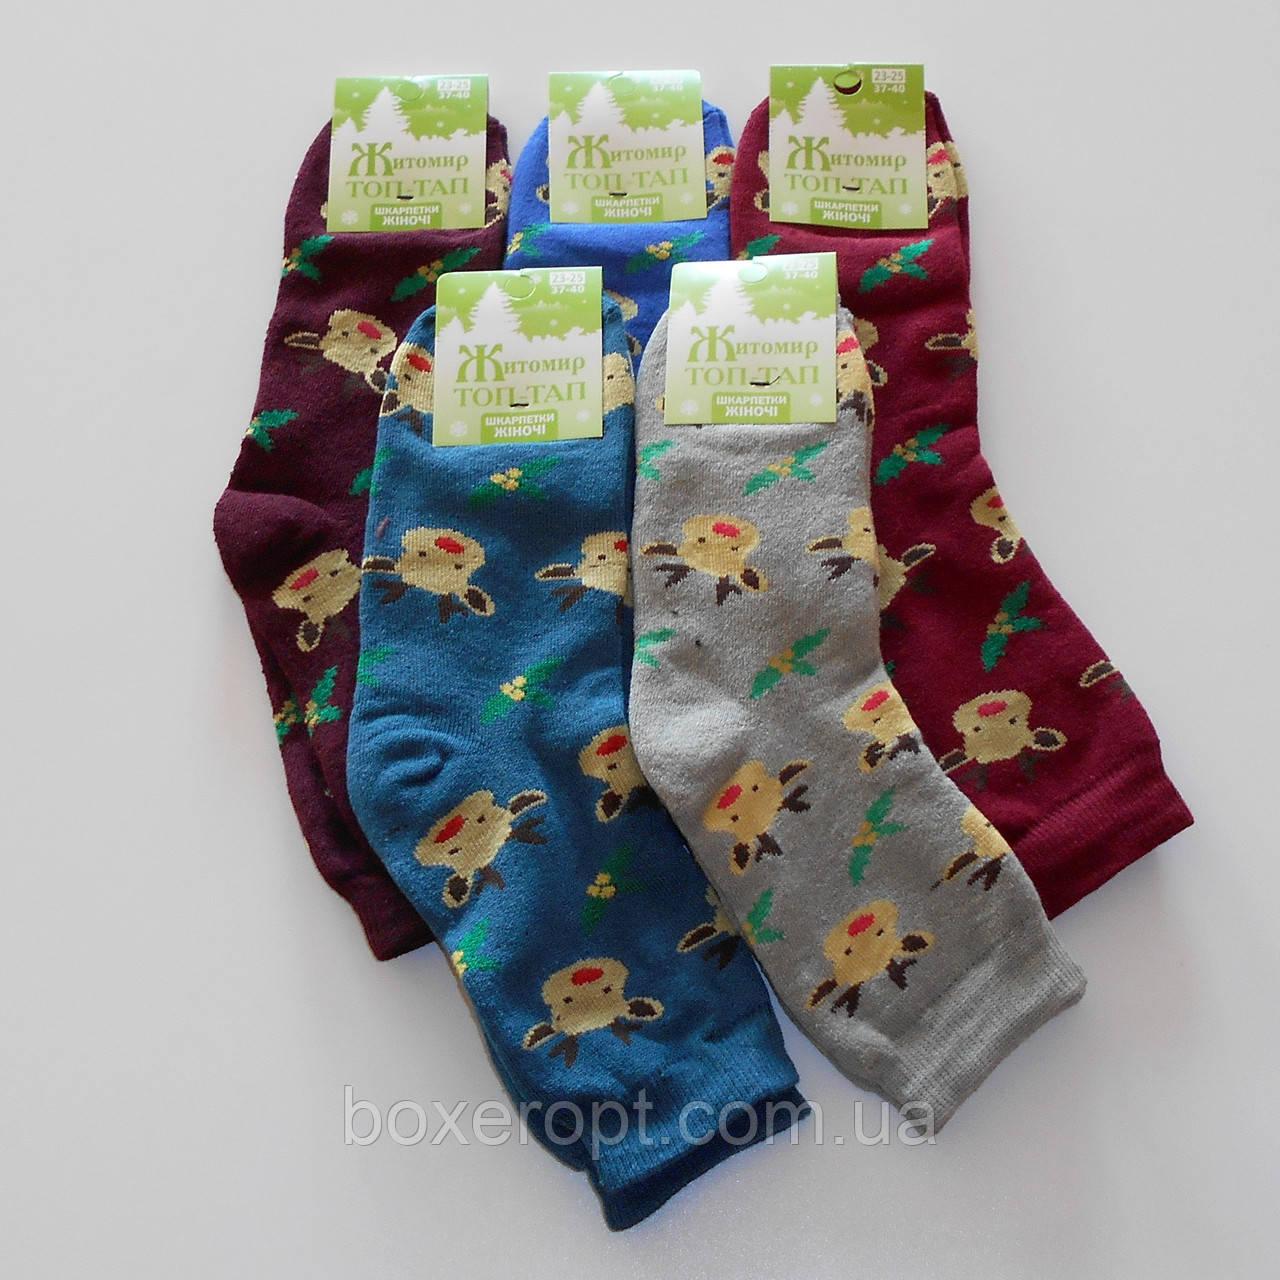 Женские махровые носки Топ-Тап - 11.50 грн./пара (оленята)